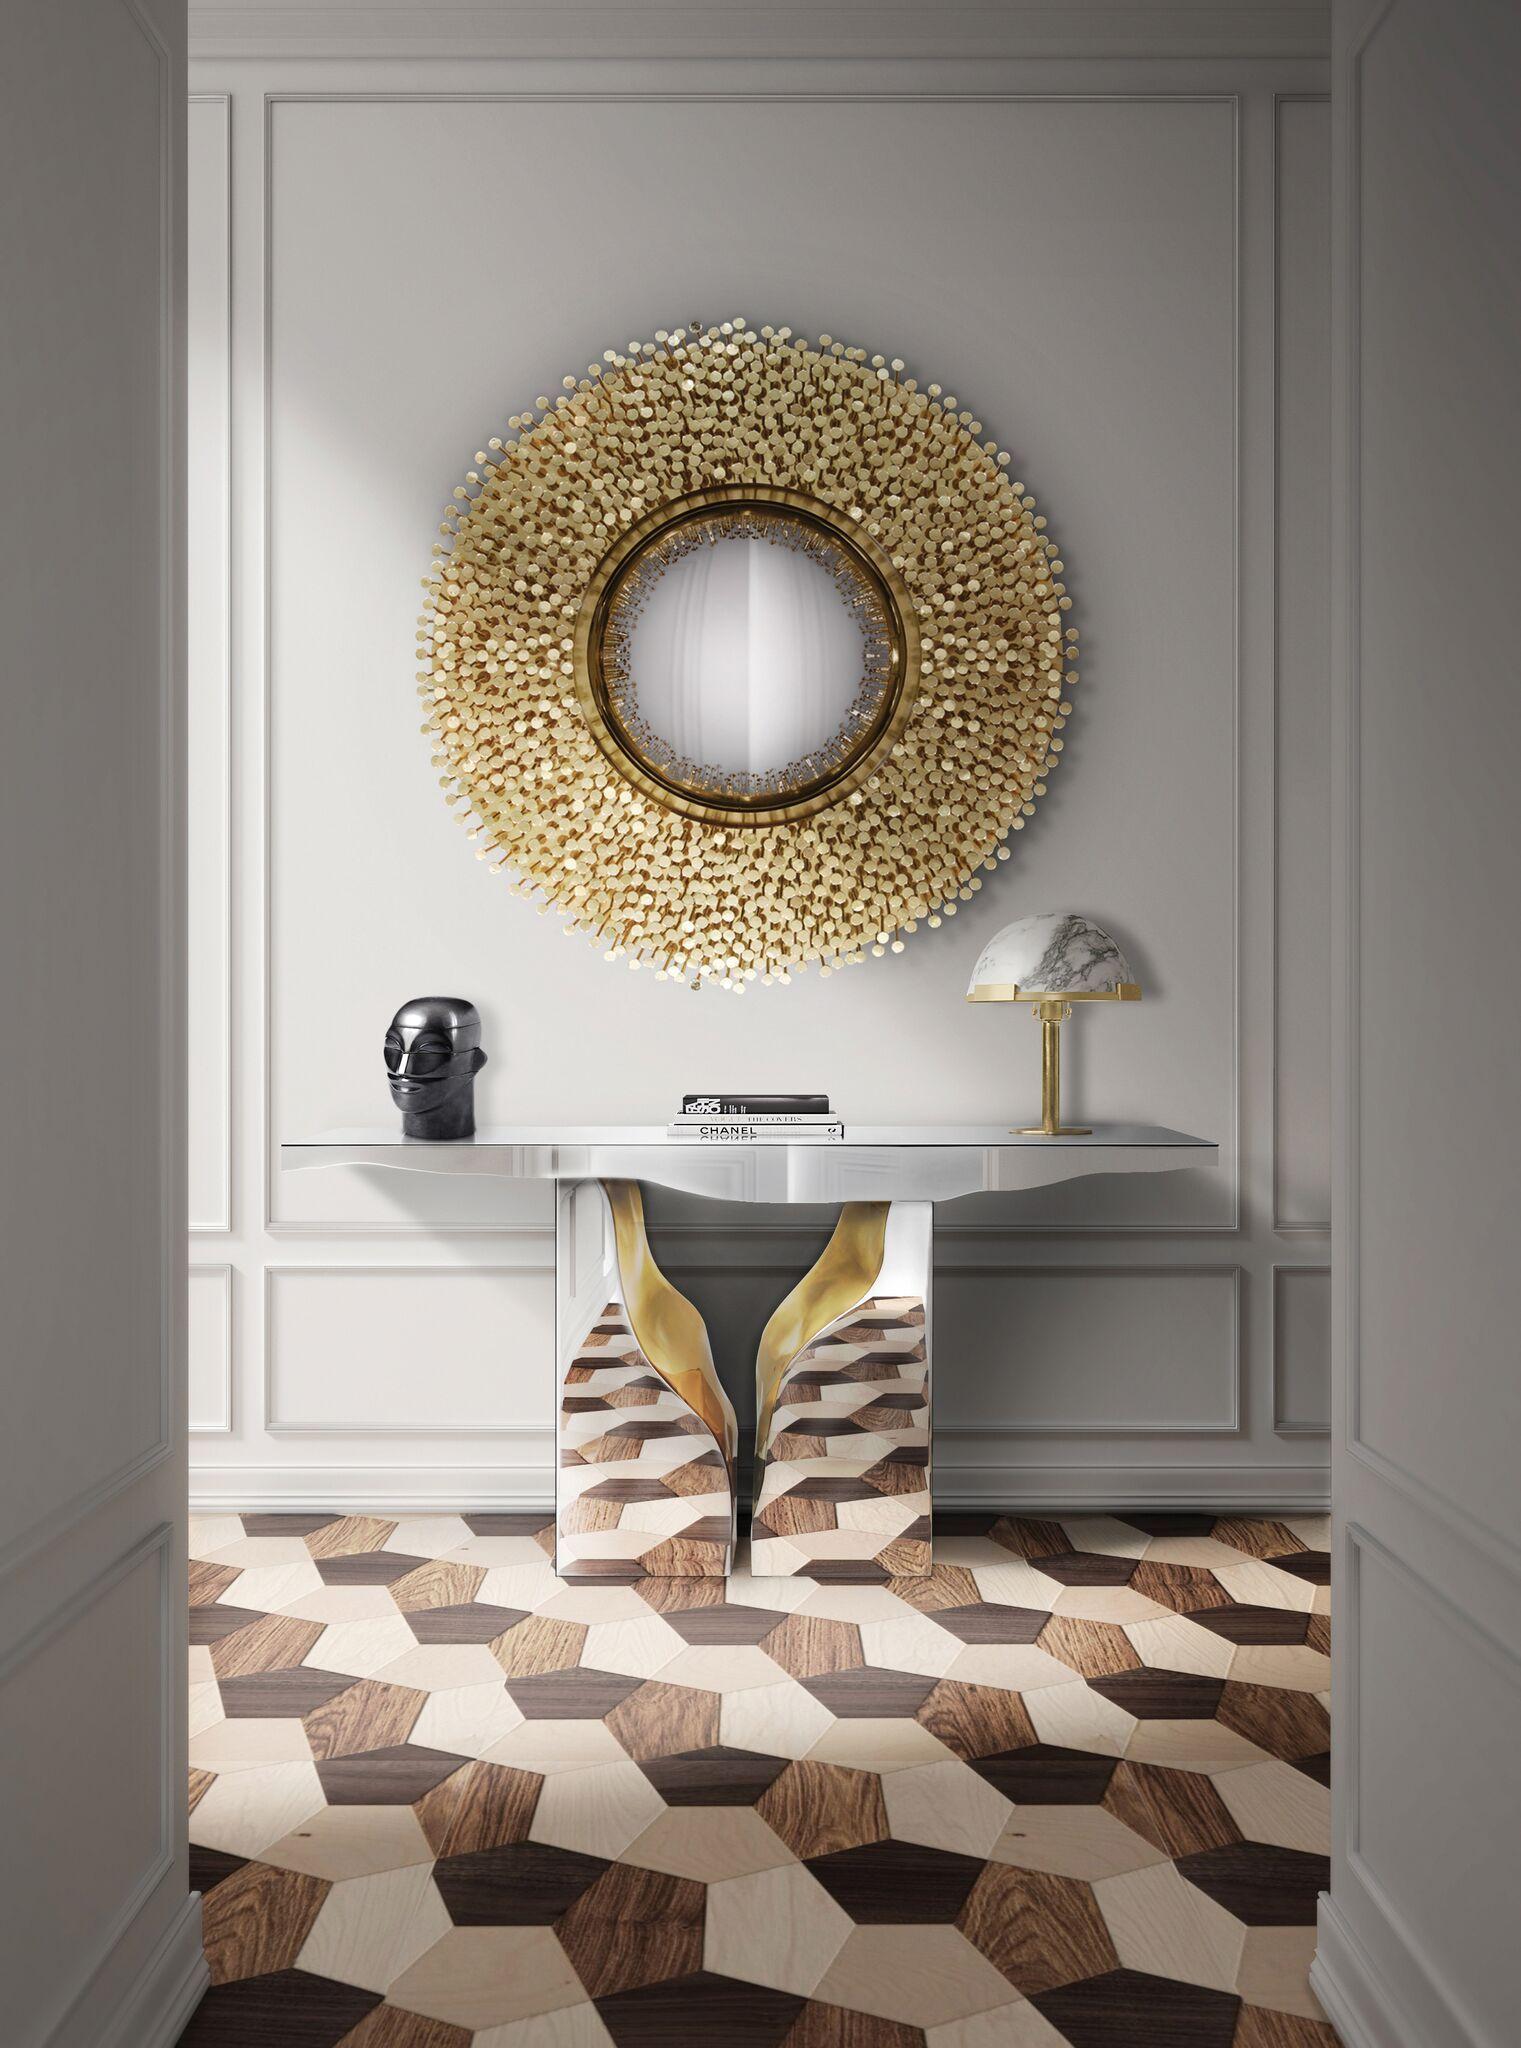 erstaunliche luxus mobel fur das perfekte wohndesign luxury furniture brabbu inspirationen www brabbu com